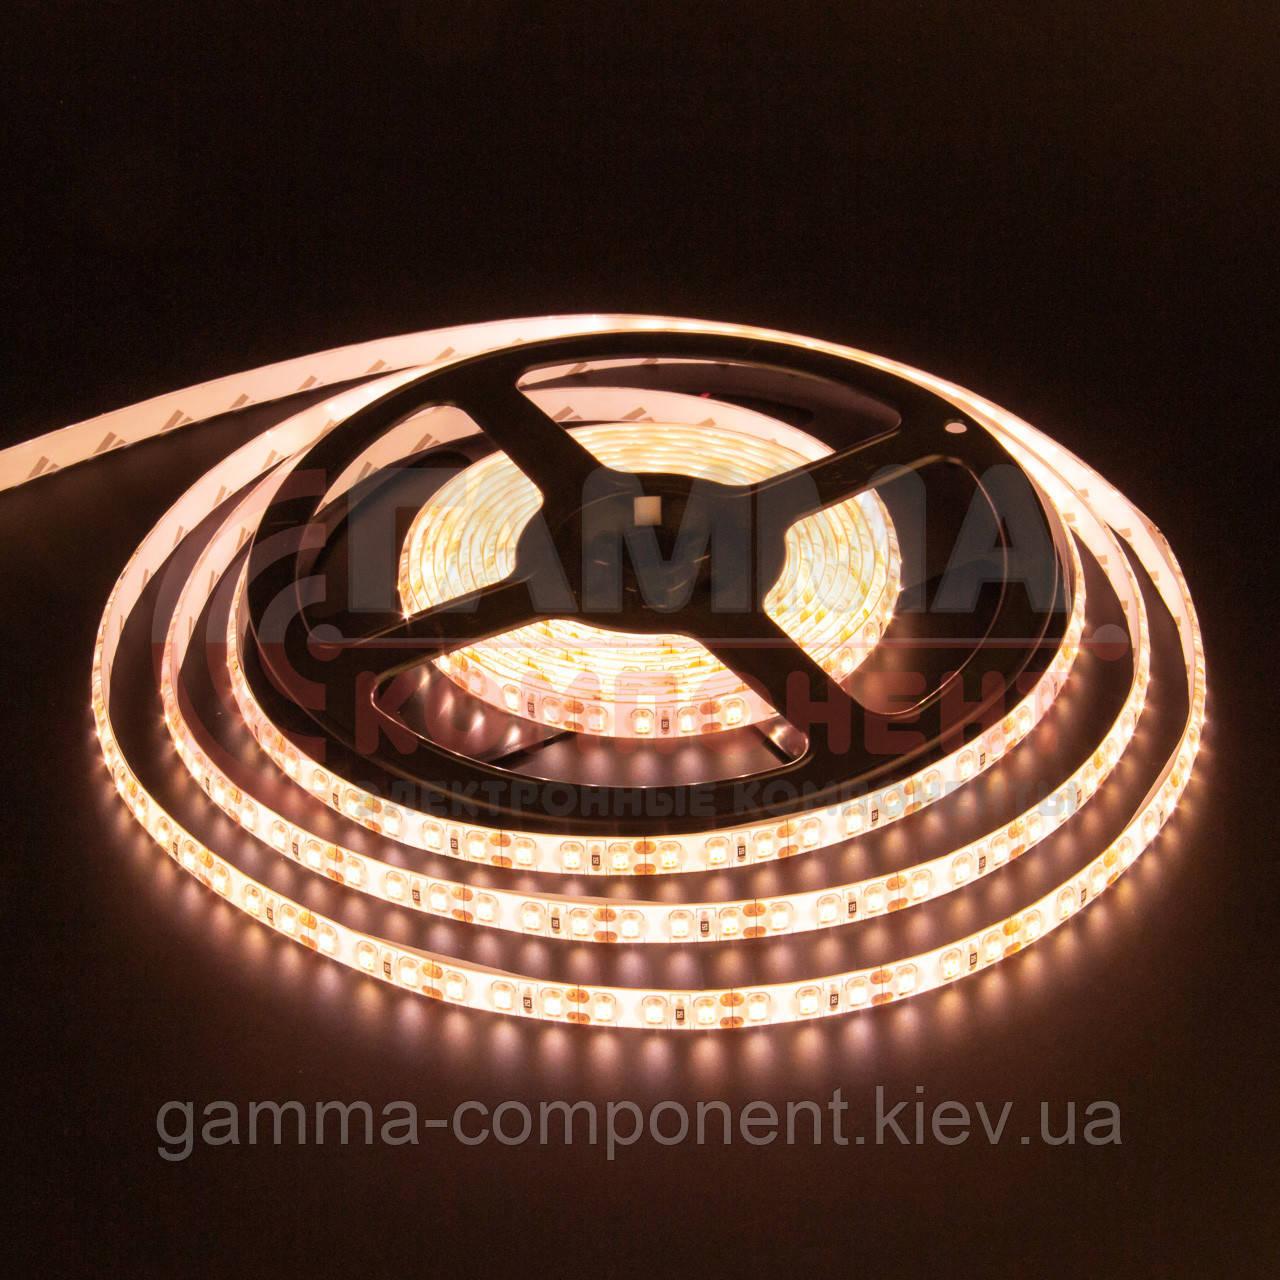 Светодиодная лента SMD 2835 (120 LED/м), теплый белый, IP65, 12В - бобины от 5 метров